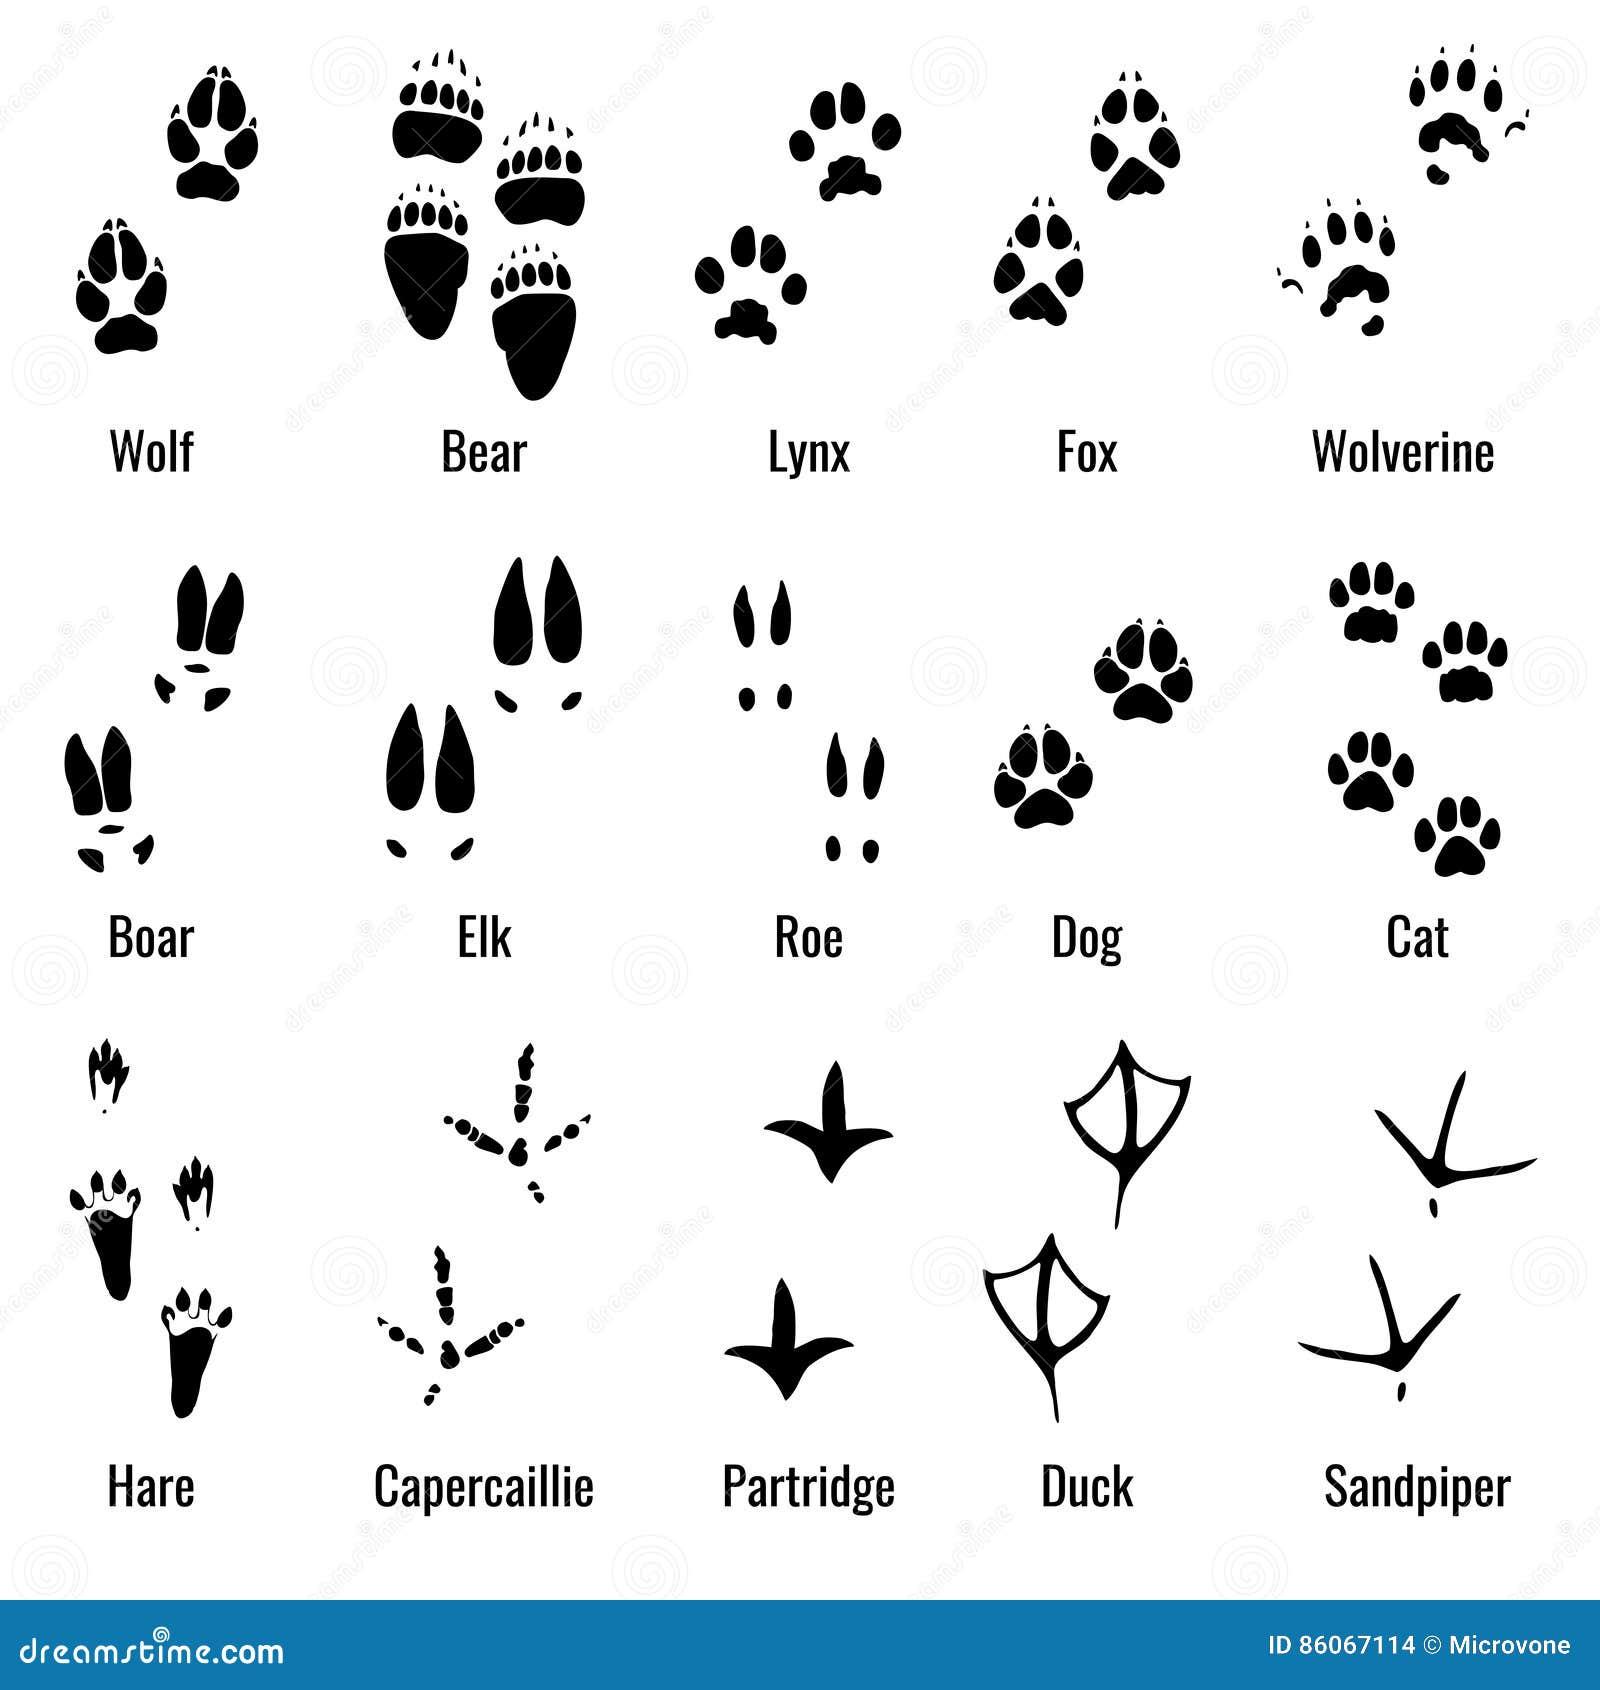 Djurlivdjur, reptilar och fåglar fotspåret, djur tafsar tryckvektoruppsättningen